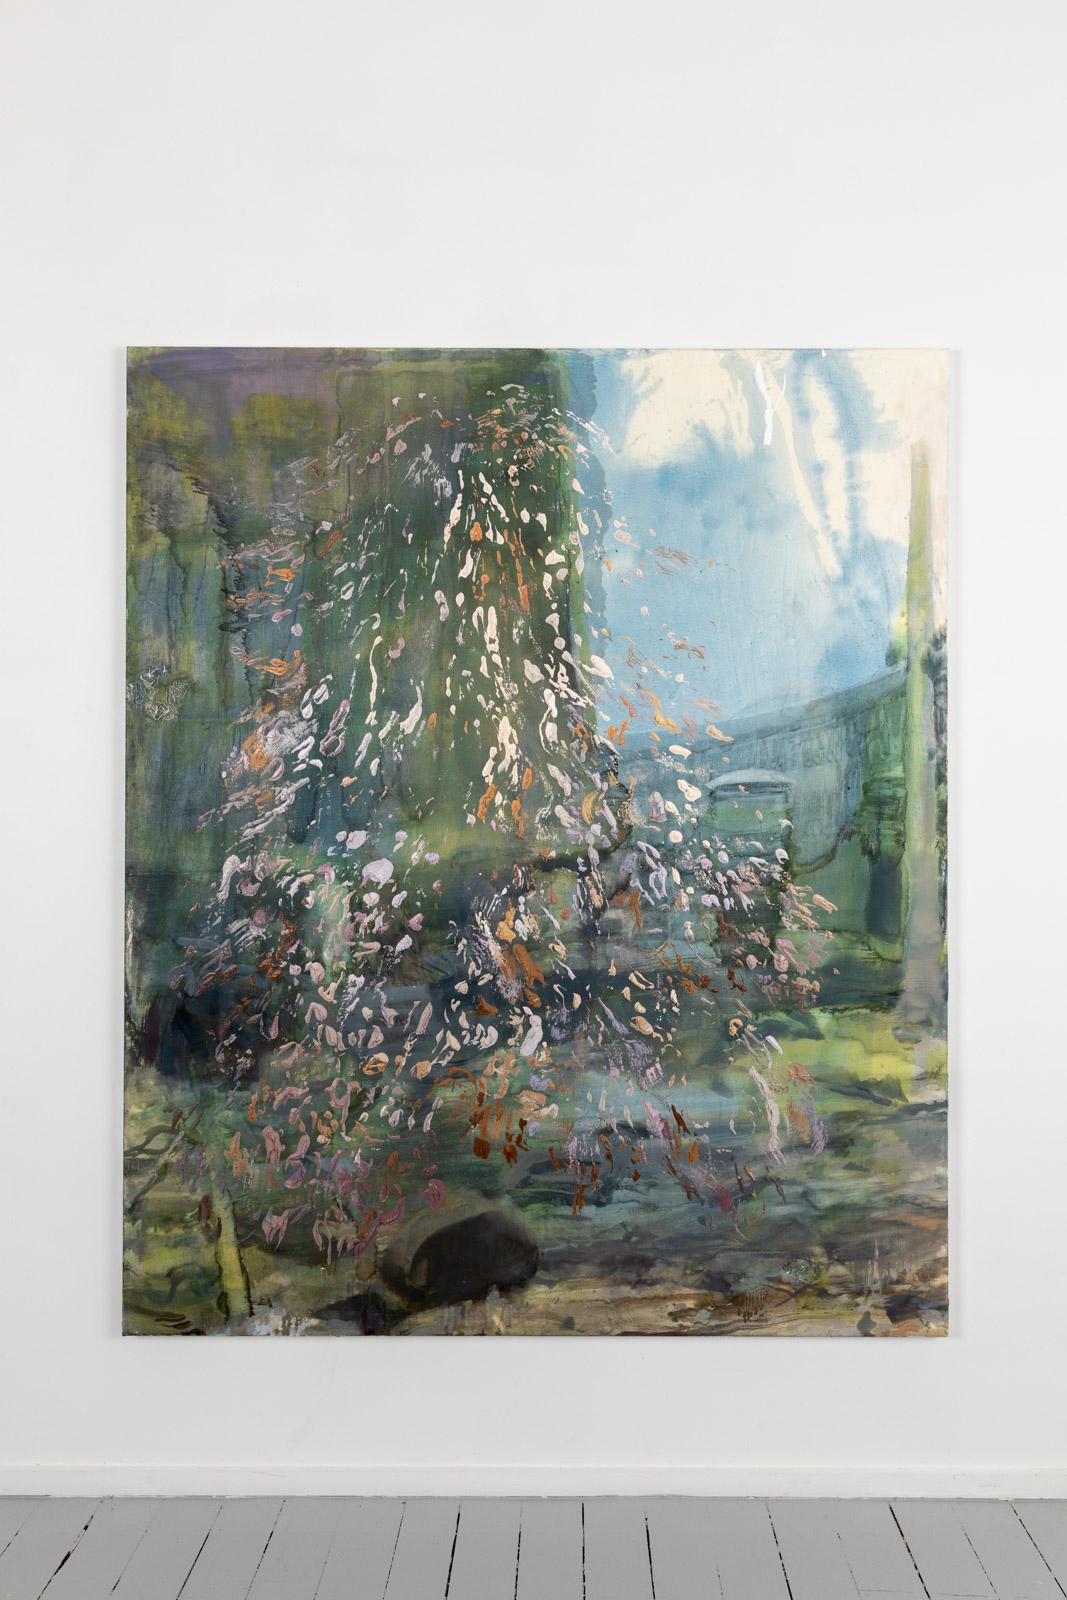 Ra Tektonisk, 2020, Oil on canvas, 182,8 x 152,4 cm